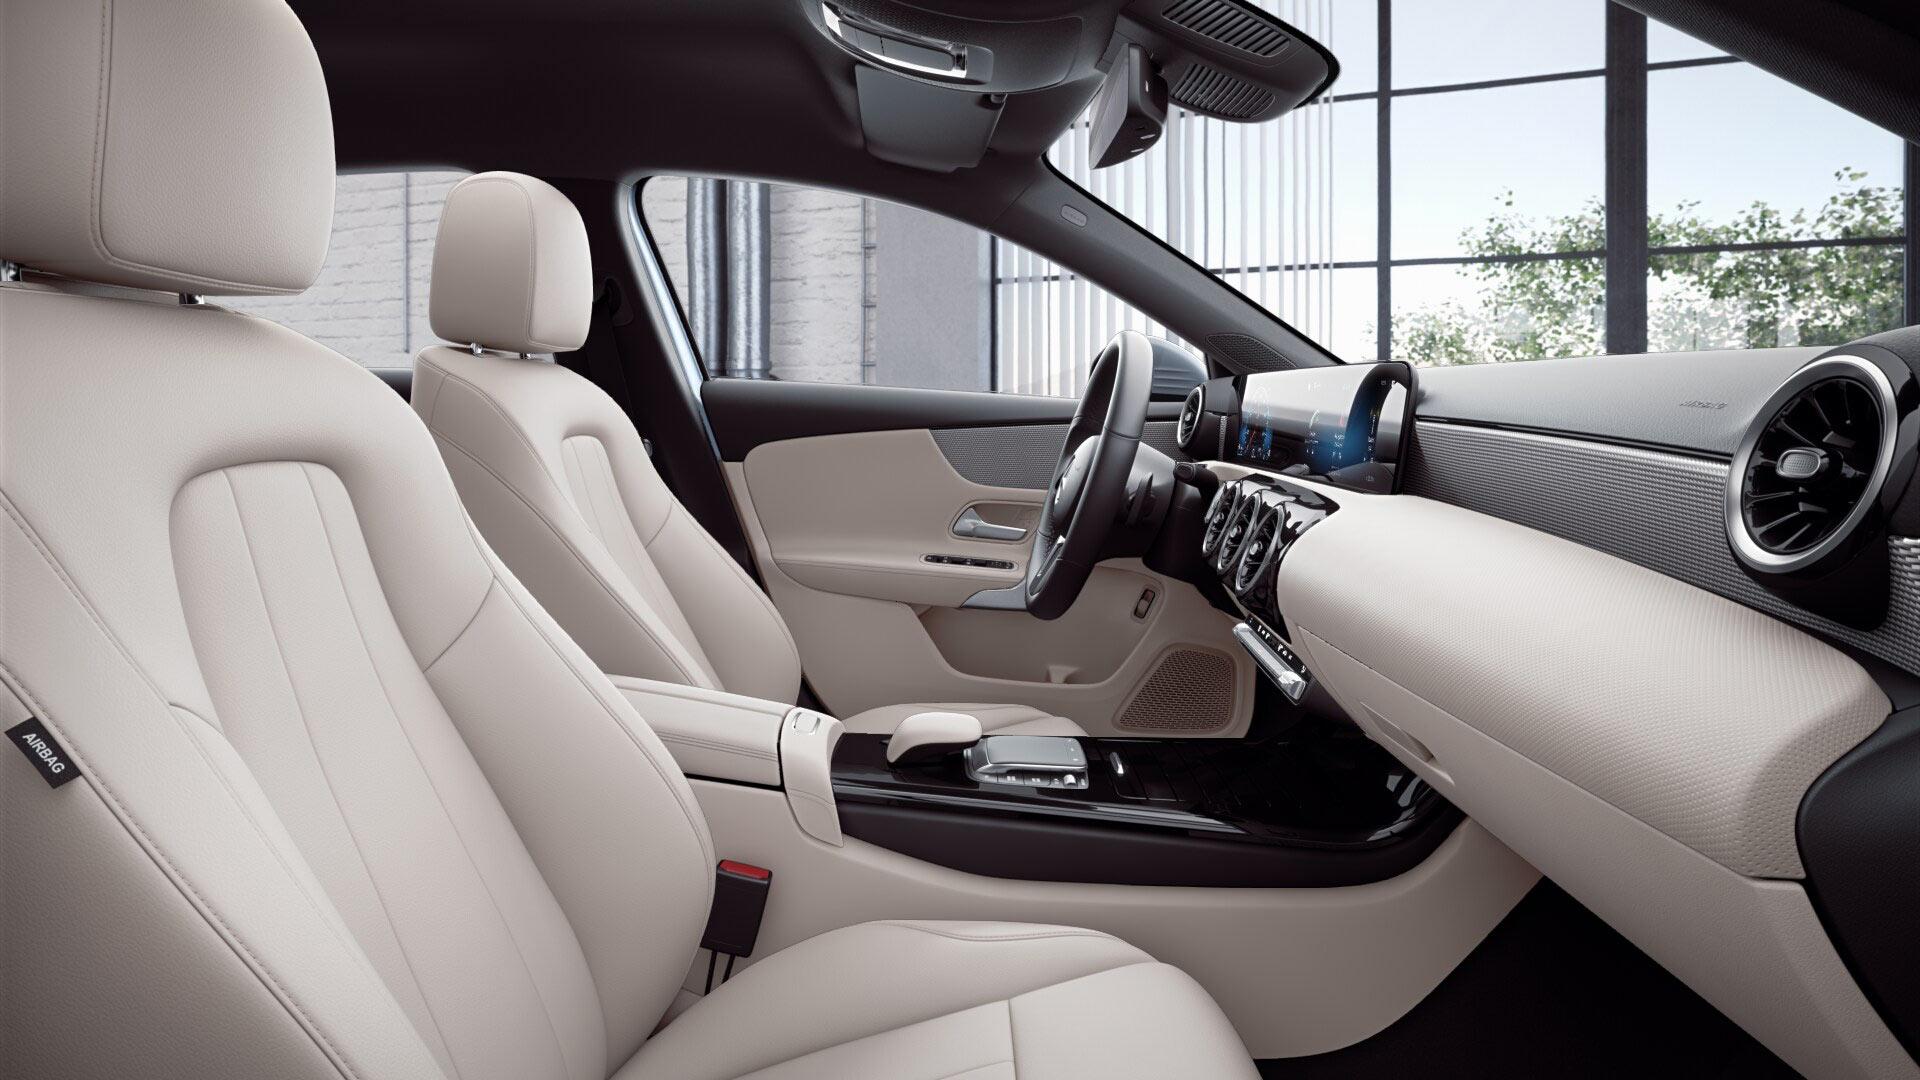 Poste de conduite de la Mercedes Classe A berline avec vue sur les écrans tactiles, sellerie et la console centrale